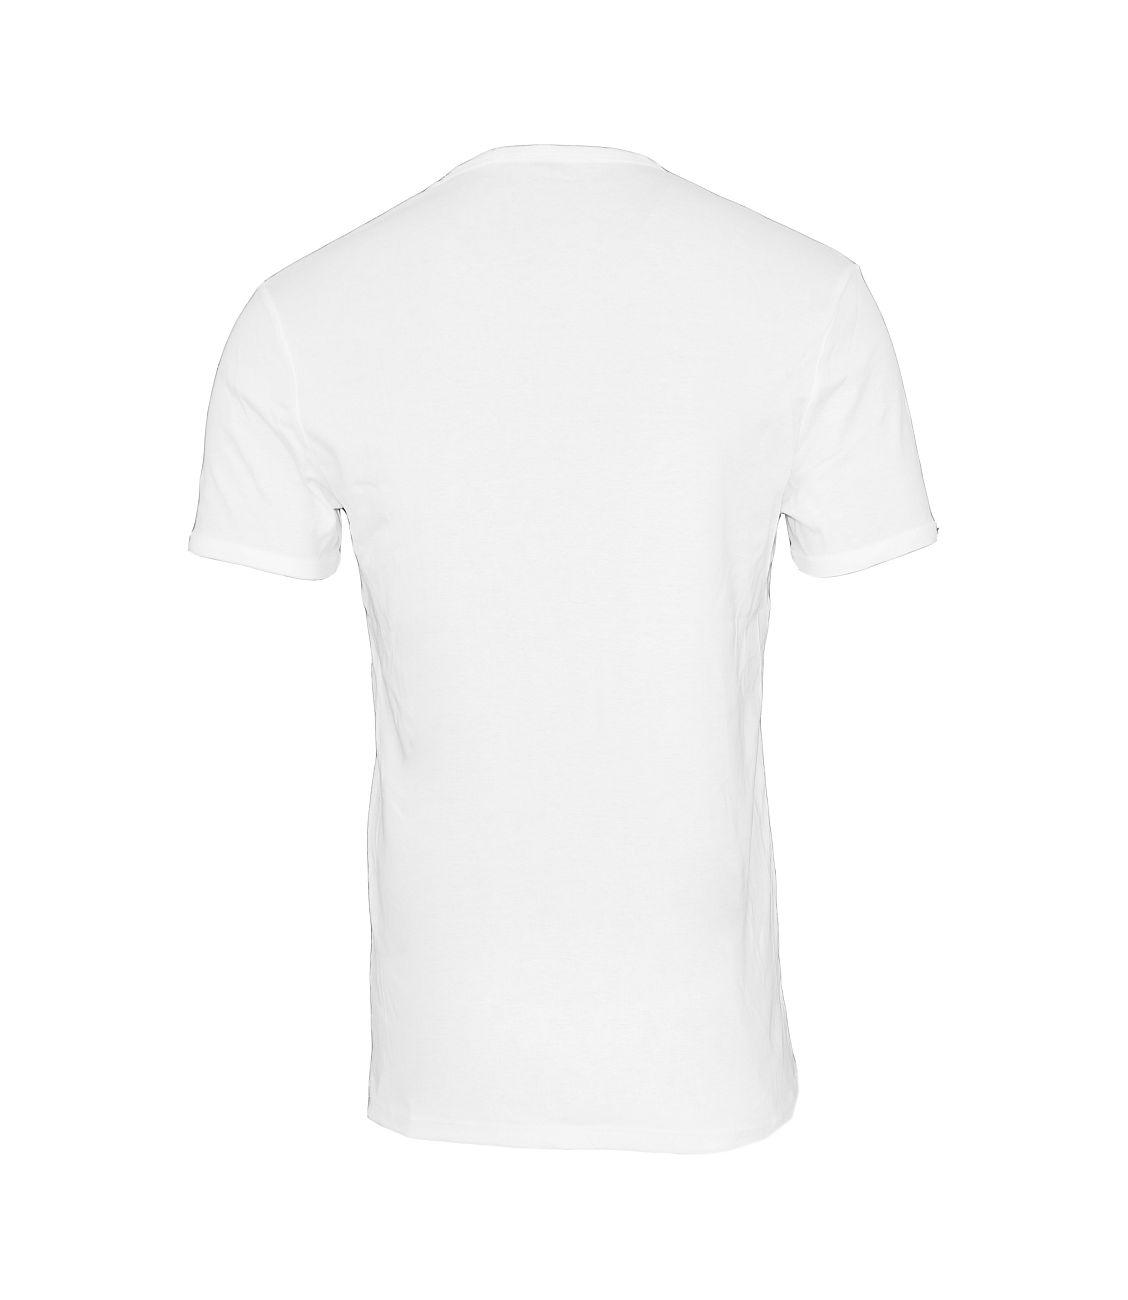 G-Star RAW 2er Pack T-Shirt Slim Fit V-Ausschnitt D07207-124-110 White F18-GSP1